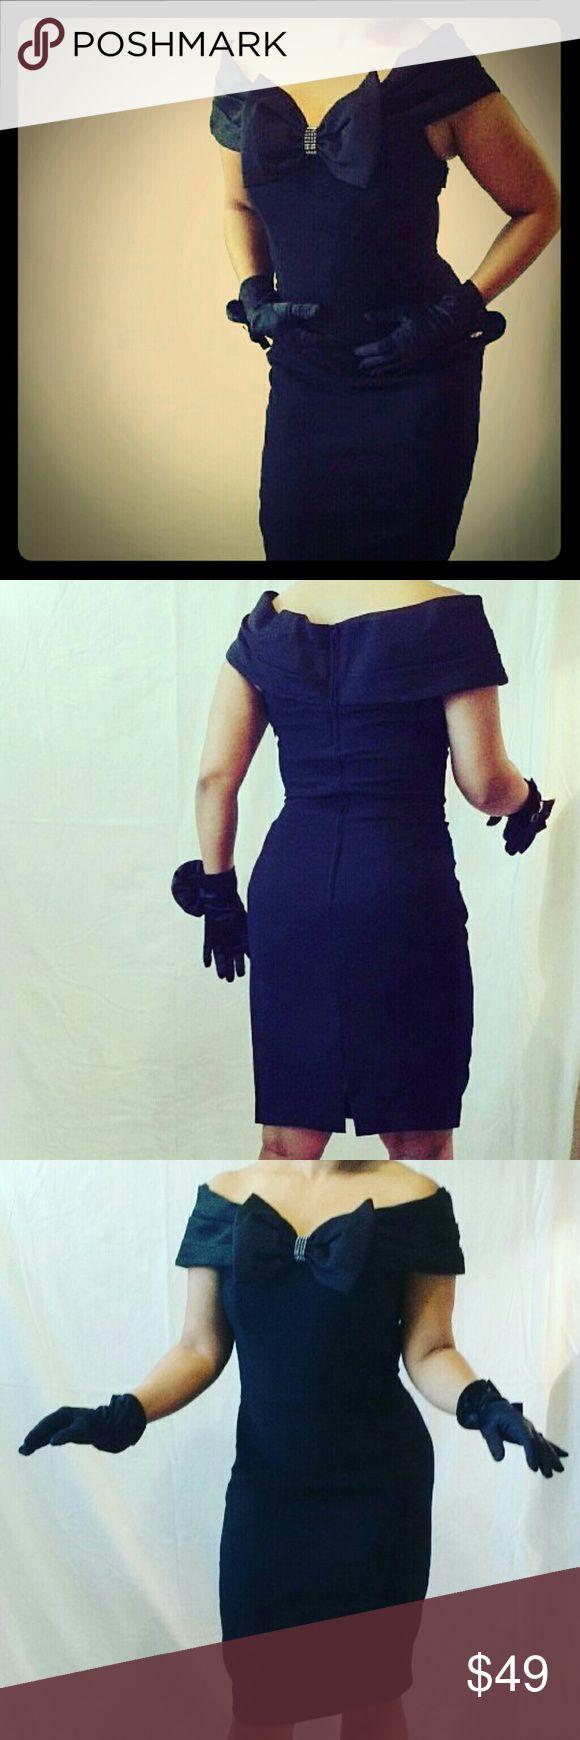 Vintage Black Maggie London Dress Knee Length Black Vintage Dress A.J. Bari  Dresses Strapless